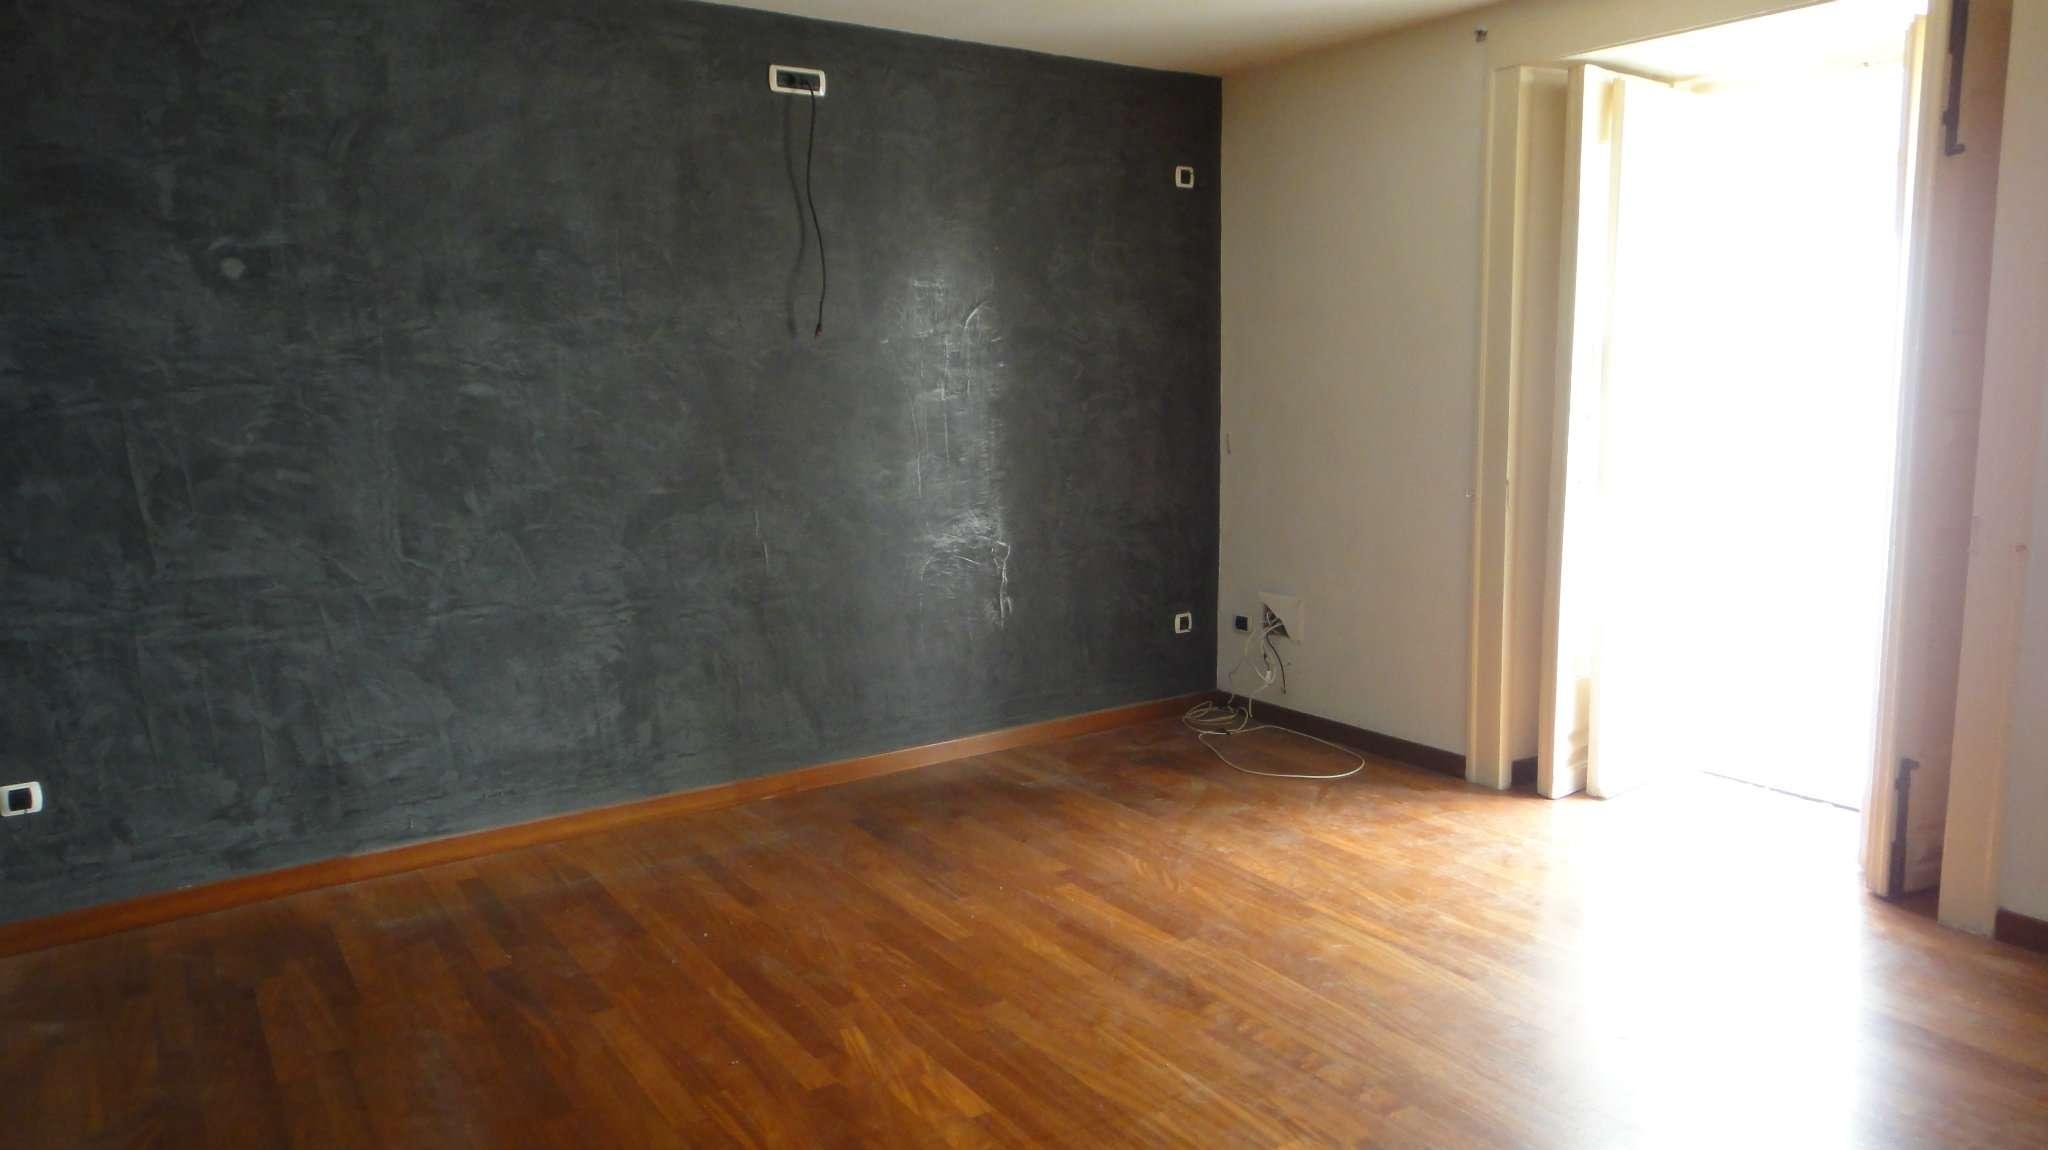 Appartamento in affitto a Napoli, 2 locali, zona Zona: 1 . Chiaia, Posillipo, San Ferdinando, prezzo € 950 | CambioCasa.it